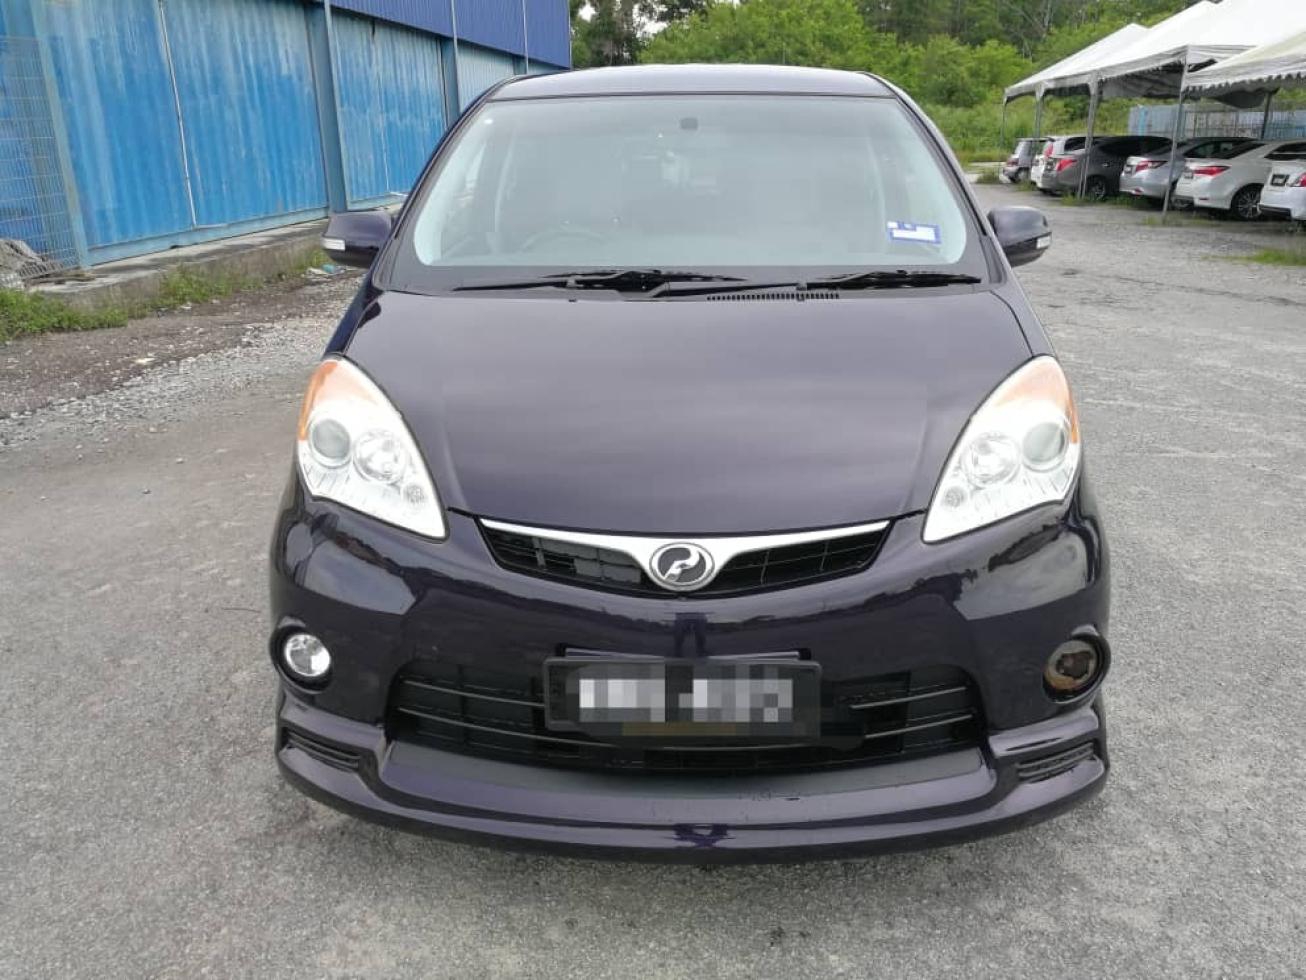 2012 Perodua ALZA 1.5 (A) Full loan